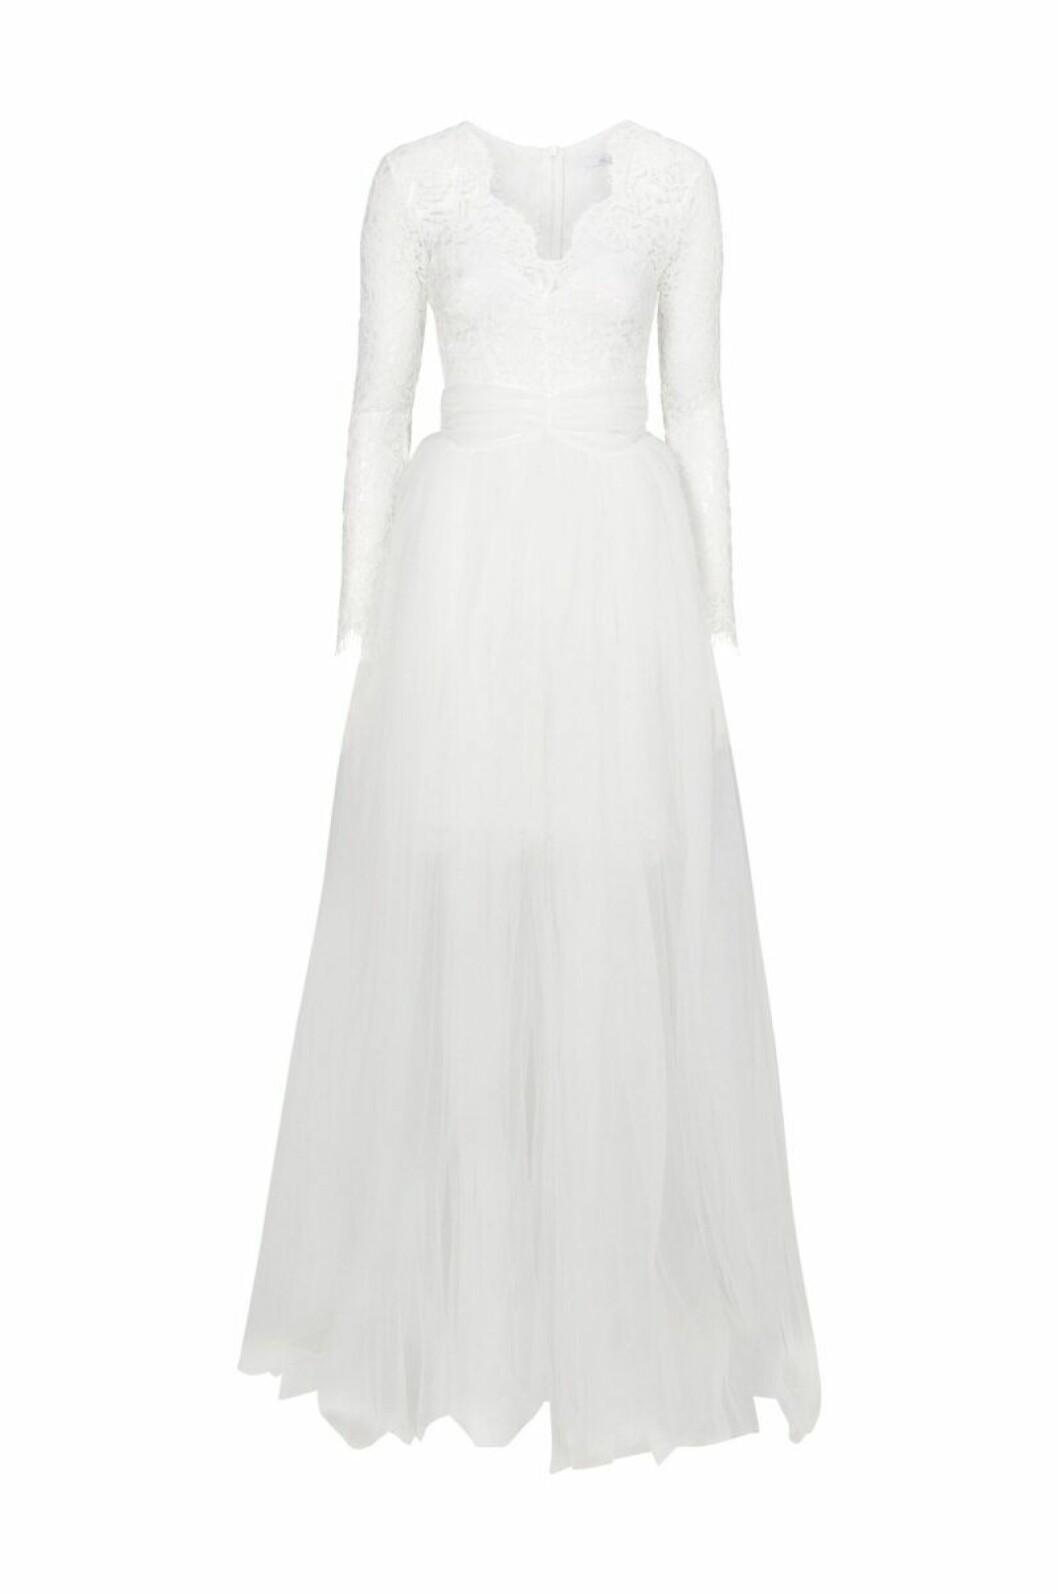 Spetsklänning brudklänning